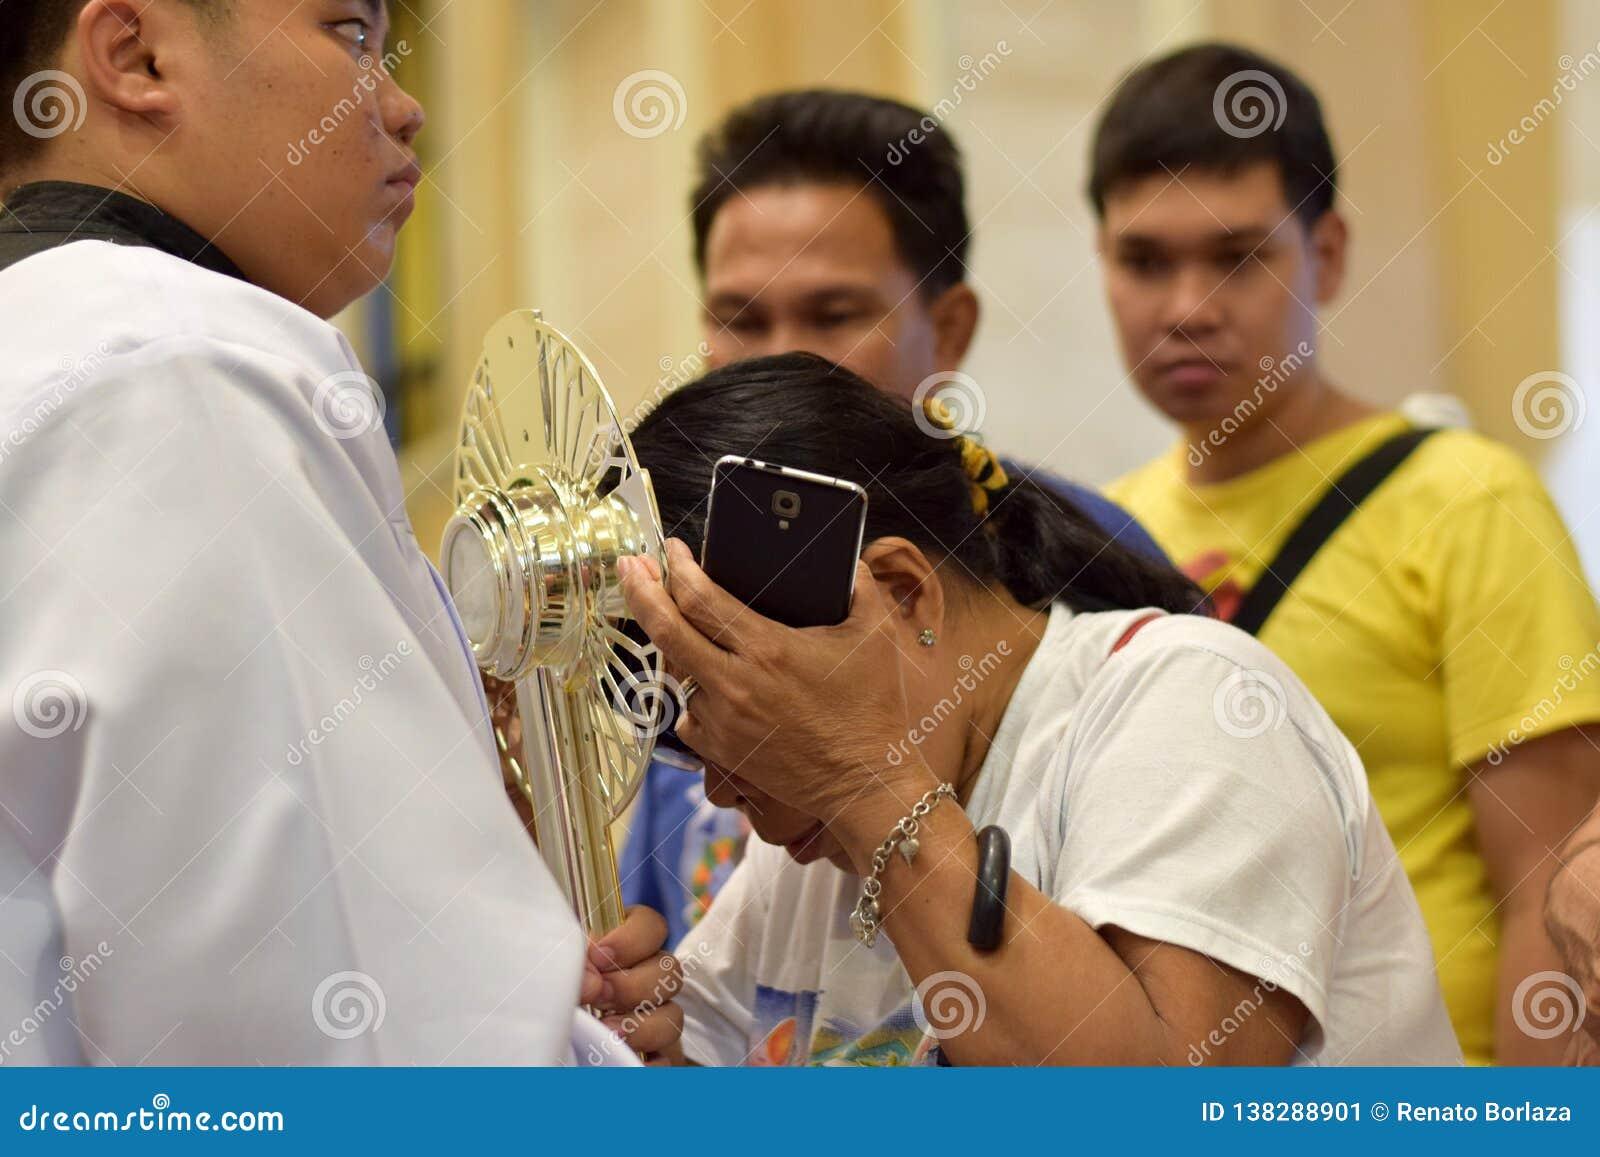 Roman Catholic Women wordt gegeven zeldzame kans om Heilige Monstrans tijdens een stadsfestiviteit te kussen